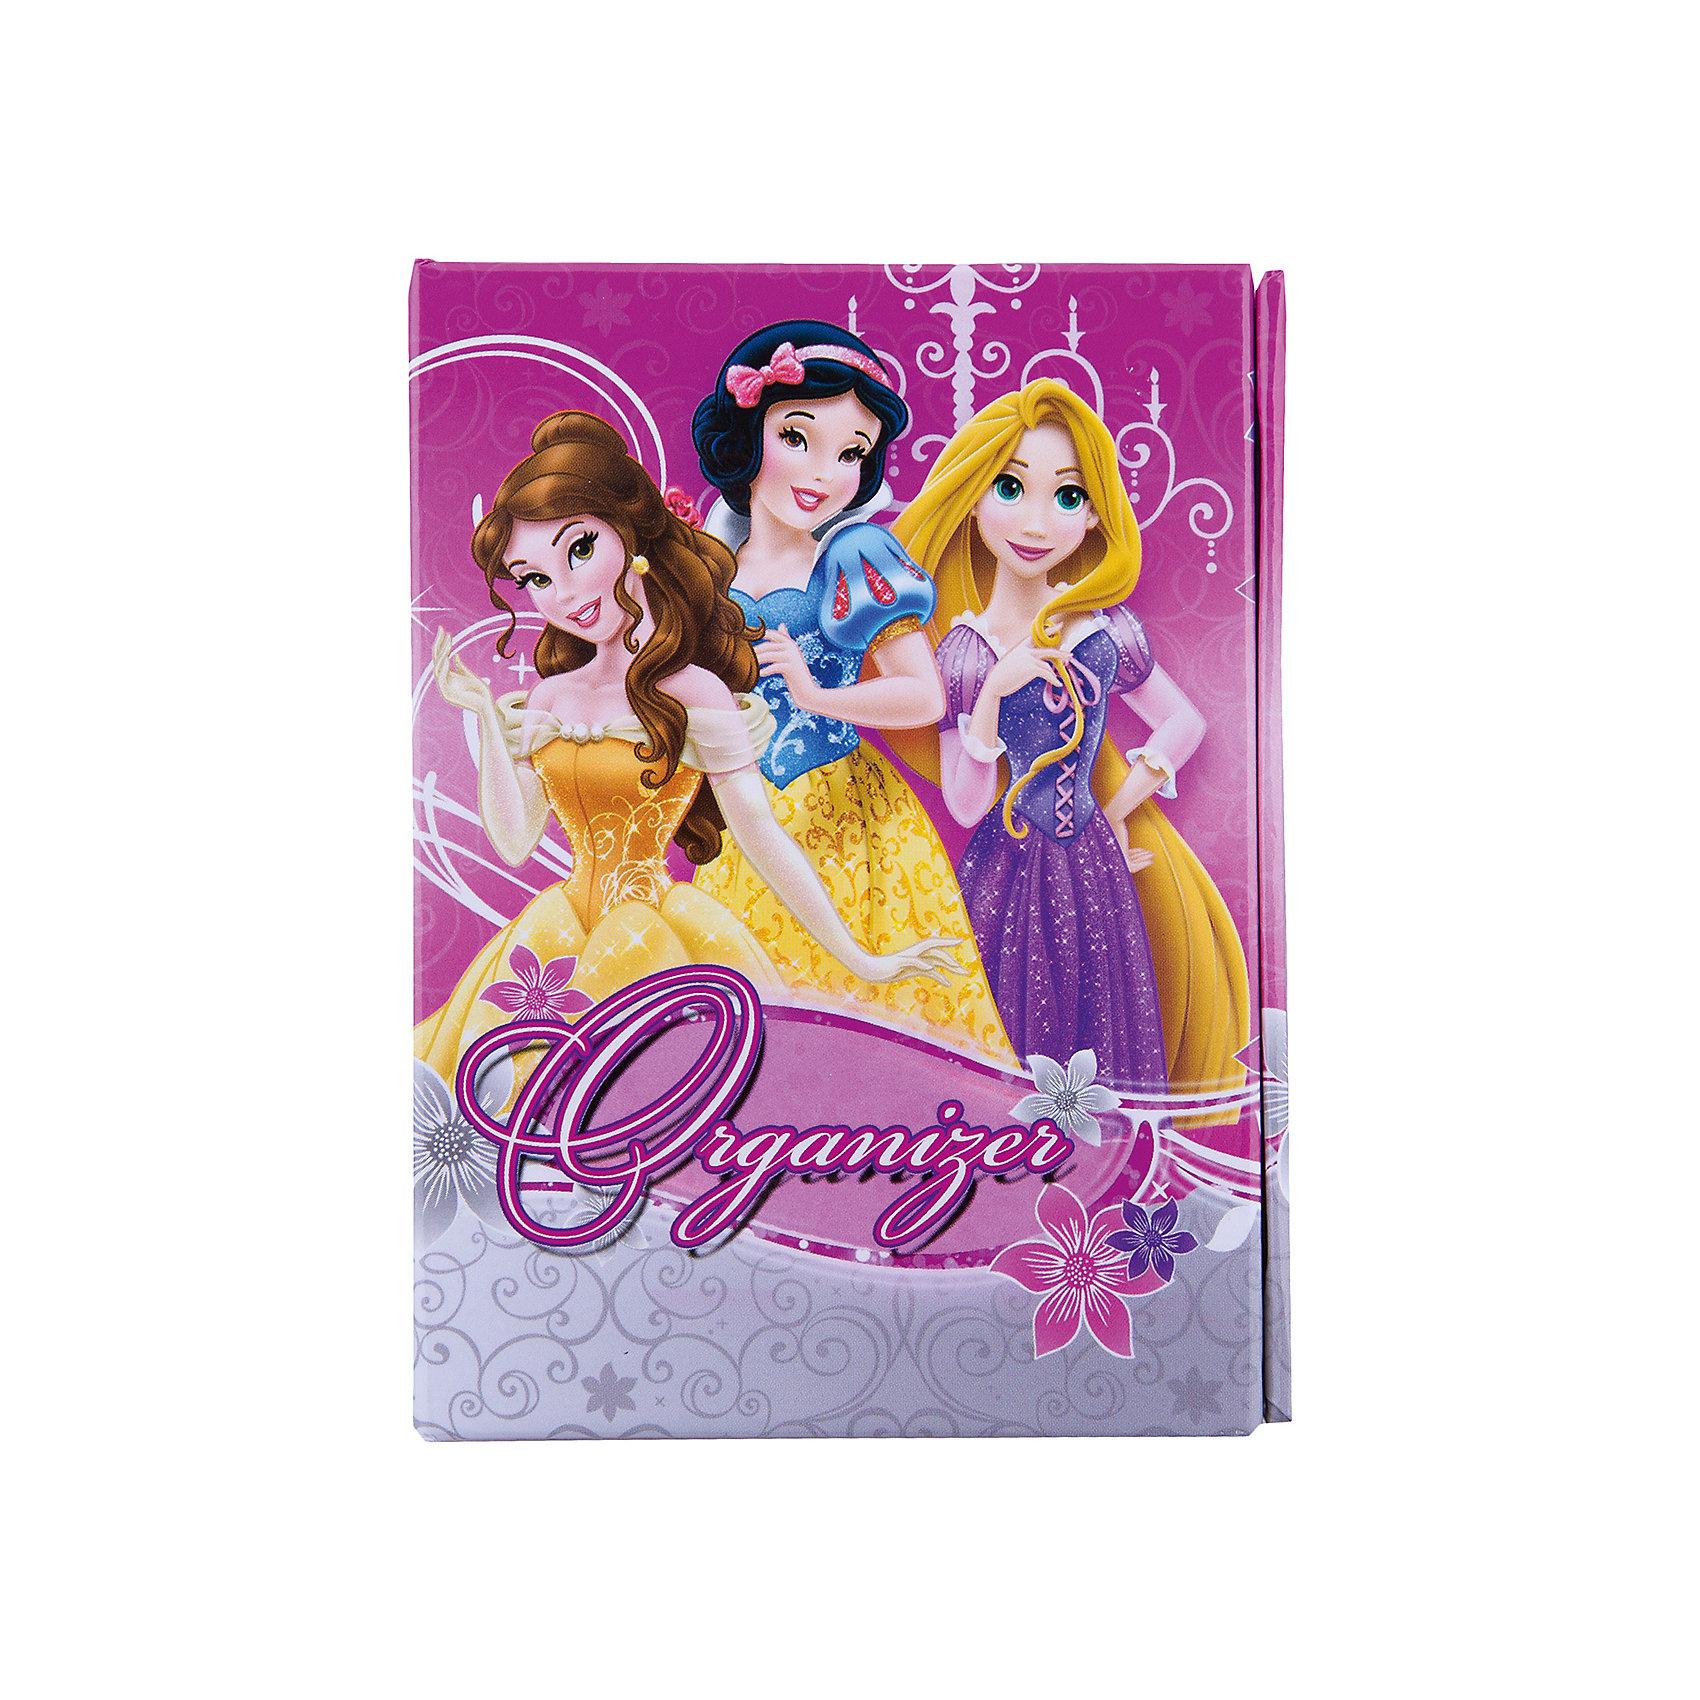 Органайзер складной: ноутбук, адресная книга, дневник, Принцессы ДиснейСкладной органайзер Disney Princess (Принцессы Диснея) порадует всех юных поклонниц диснеевских сказок. Этот оригинальный органайзер состоит из ноутбука, адресной книги и дневника. Обложка декорирована изображениями принцесс из диснеевских мультфильмов.<br><br>Дополнительная информация:<br><br>- Размер: 8,5 х 11 см.  <br>- Вес: 118 гр. <br><br>Органайзер складной Disney Princess можно купить в нашем интернет-магазине.<br><br>Ширина мм: 85<br>Глубина мм: 110<br>Высота мм: 20<br>Вес г: 118<br>Возраст от месяцев: 48<br>Возраст до месяцев: 84<br>Пол: Женский<br>Возраст: Детский<br>SKU: 3563341